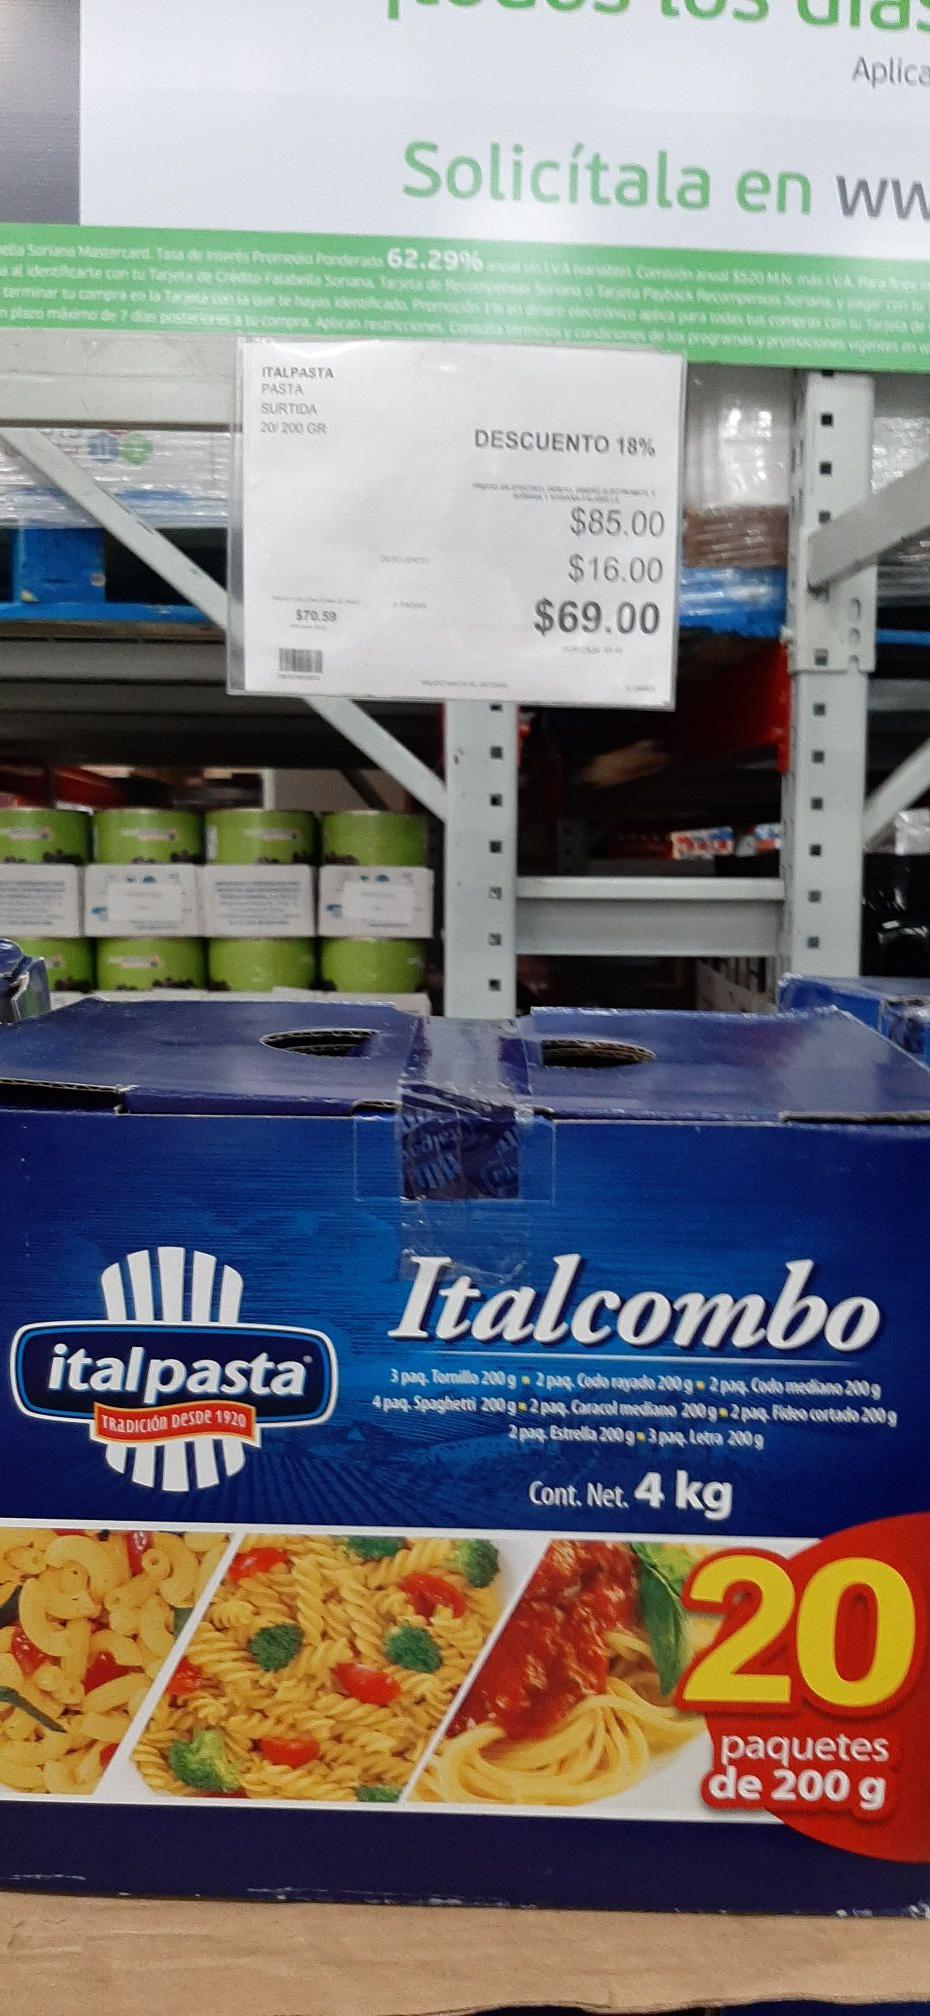 City Club: Paquete de 20 pastas Italpasta